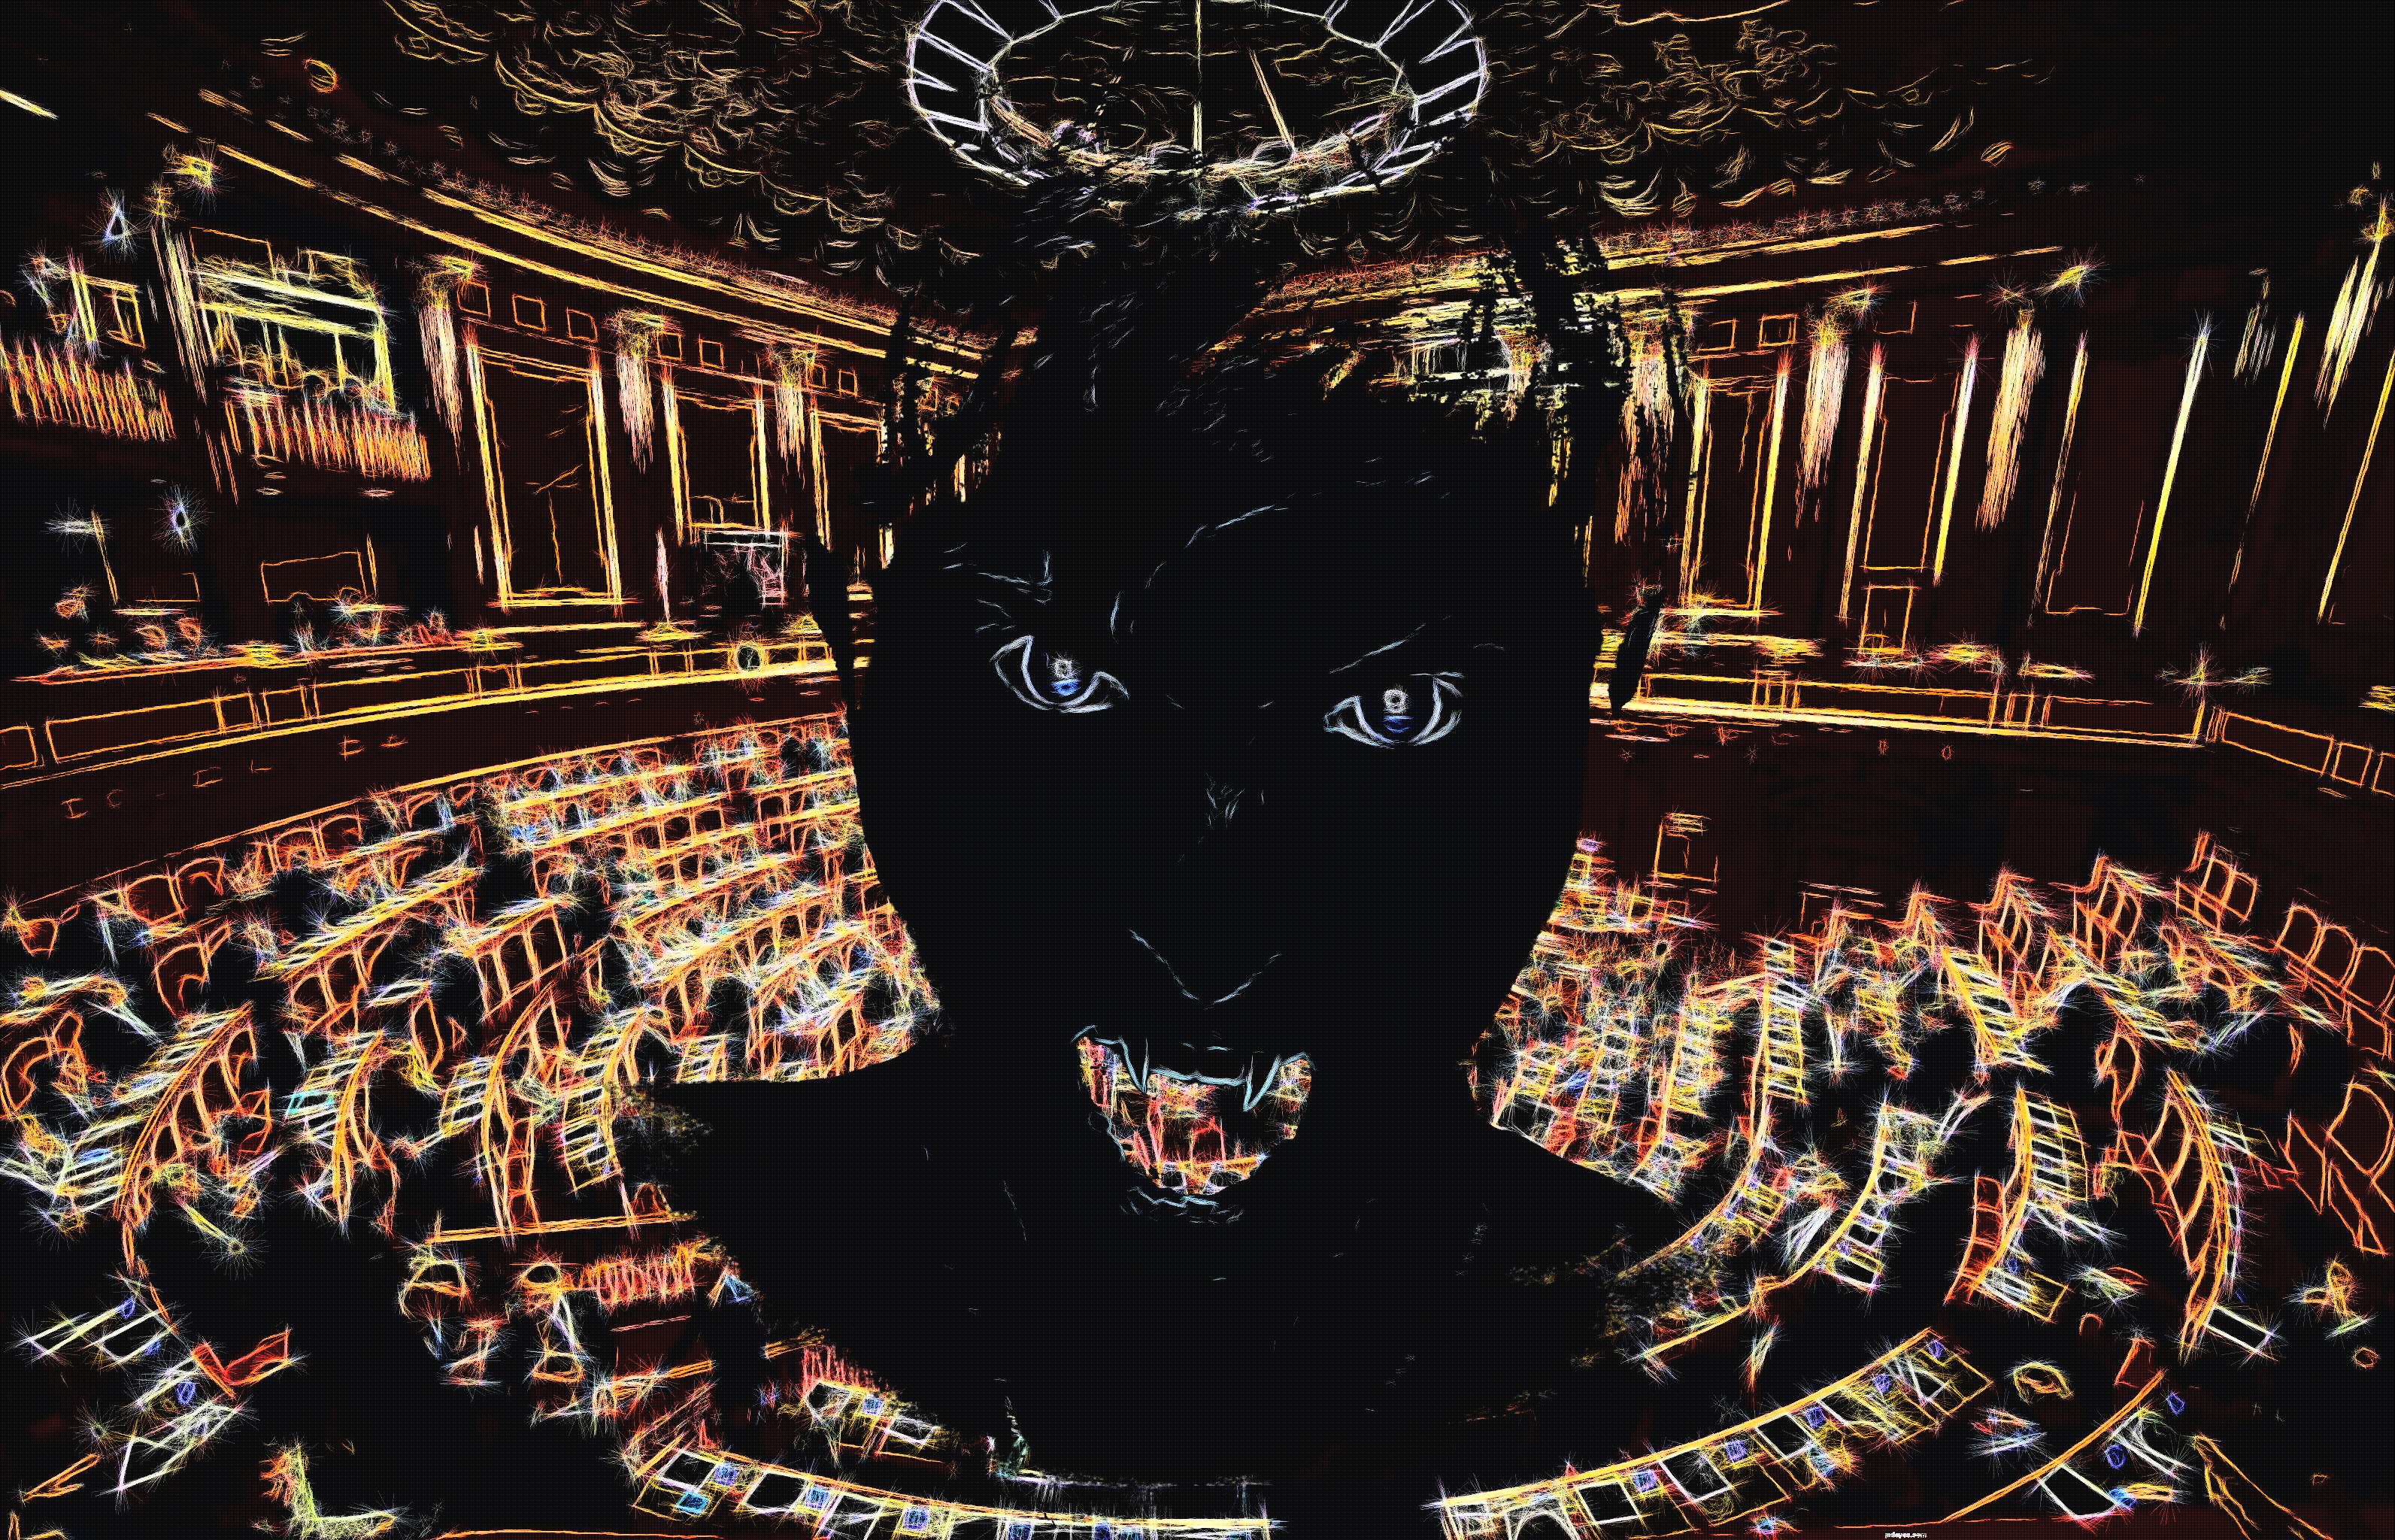 Parlamento Italiano, pittura digitale di Francesco Galgani, 13 ottobre 2020